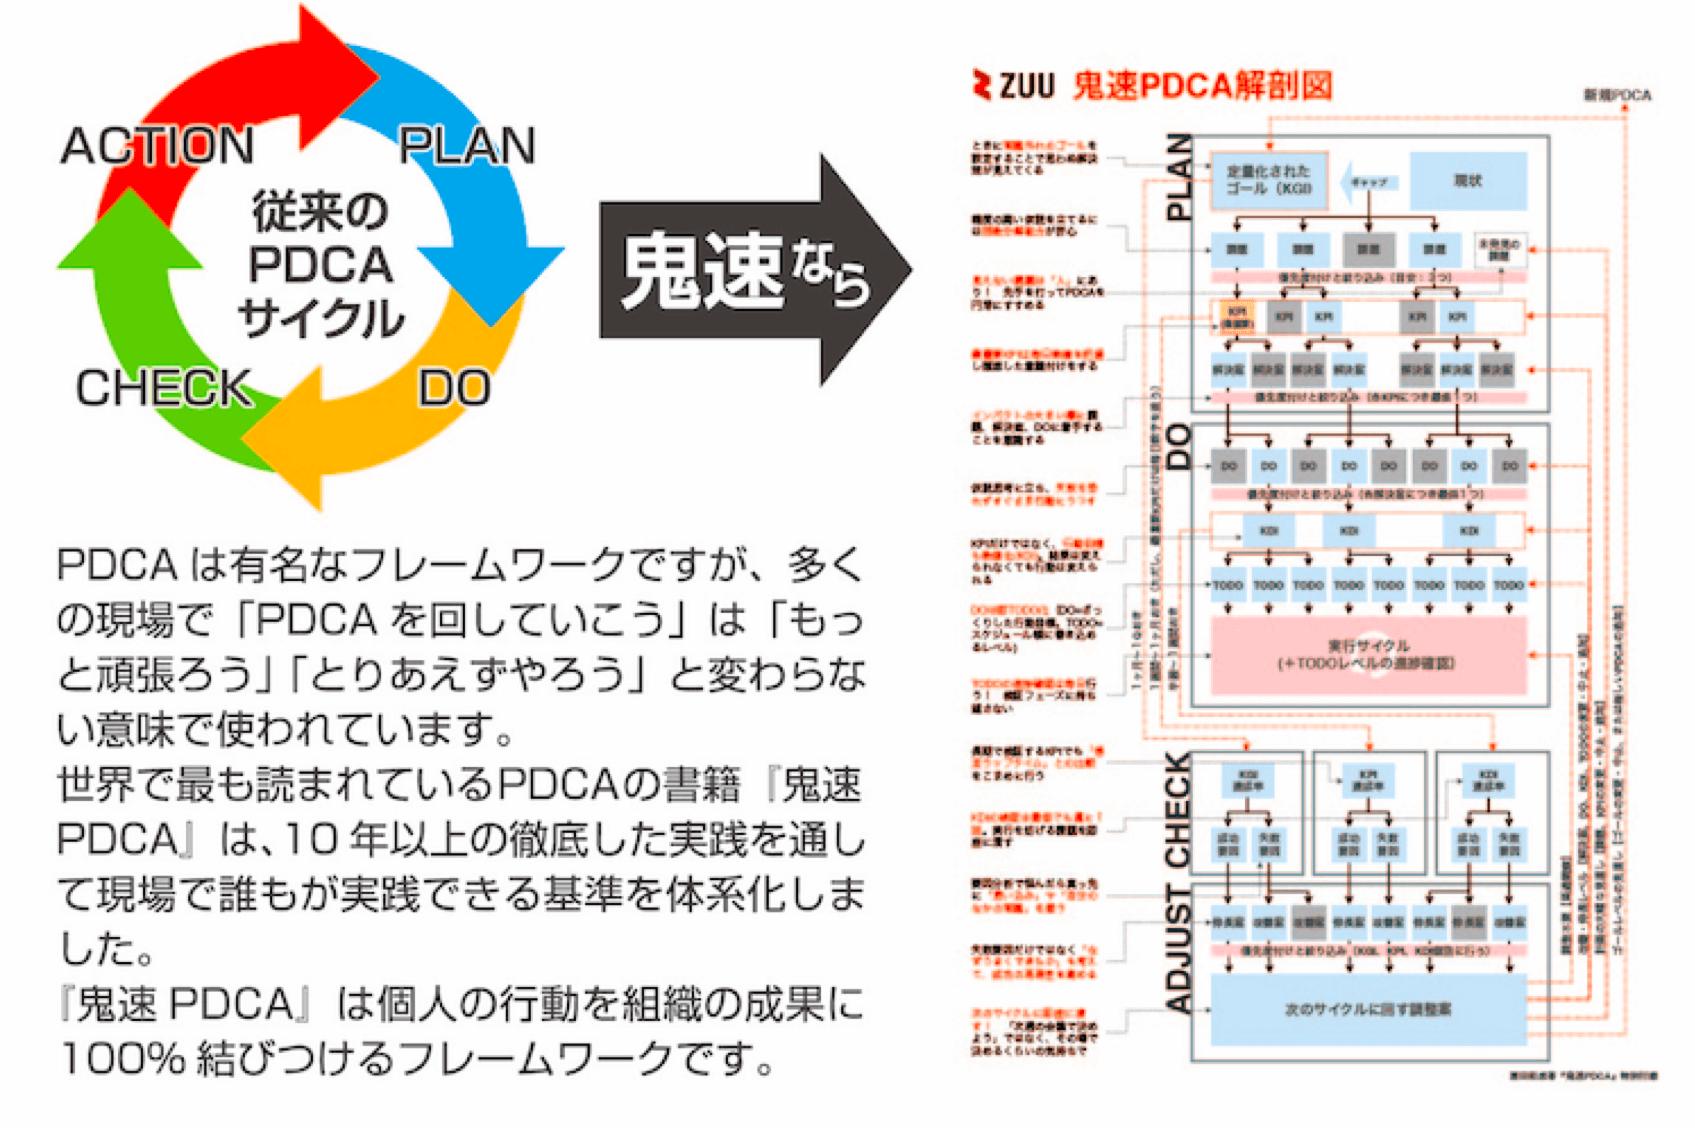 鬼速PDCA解剖図